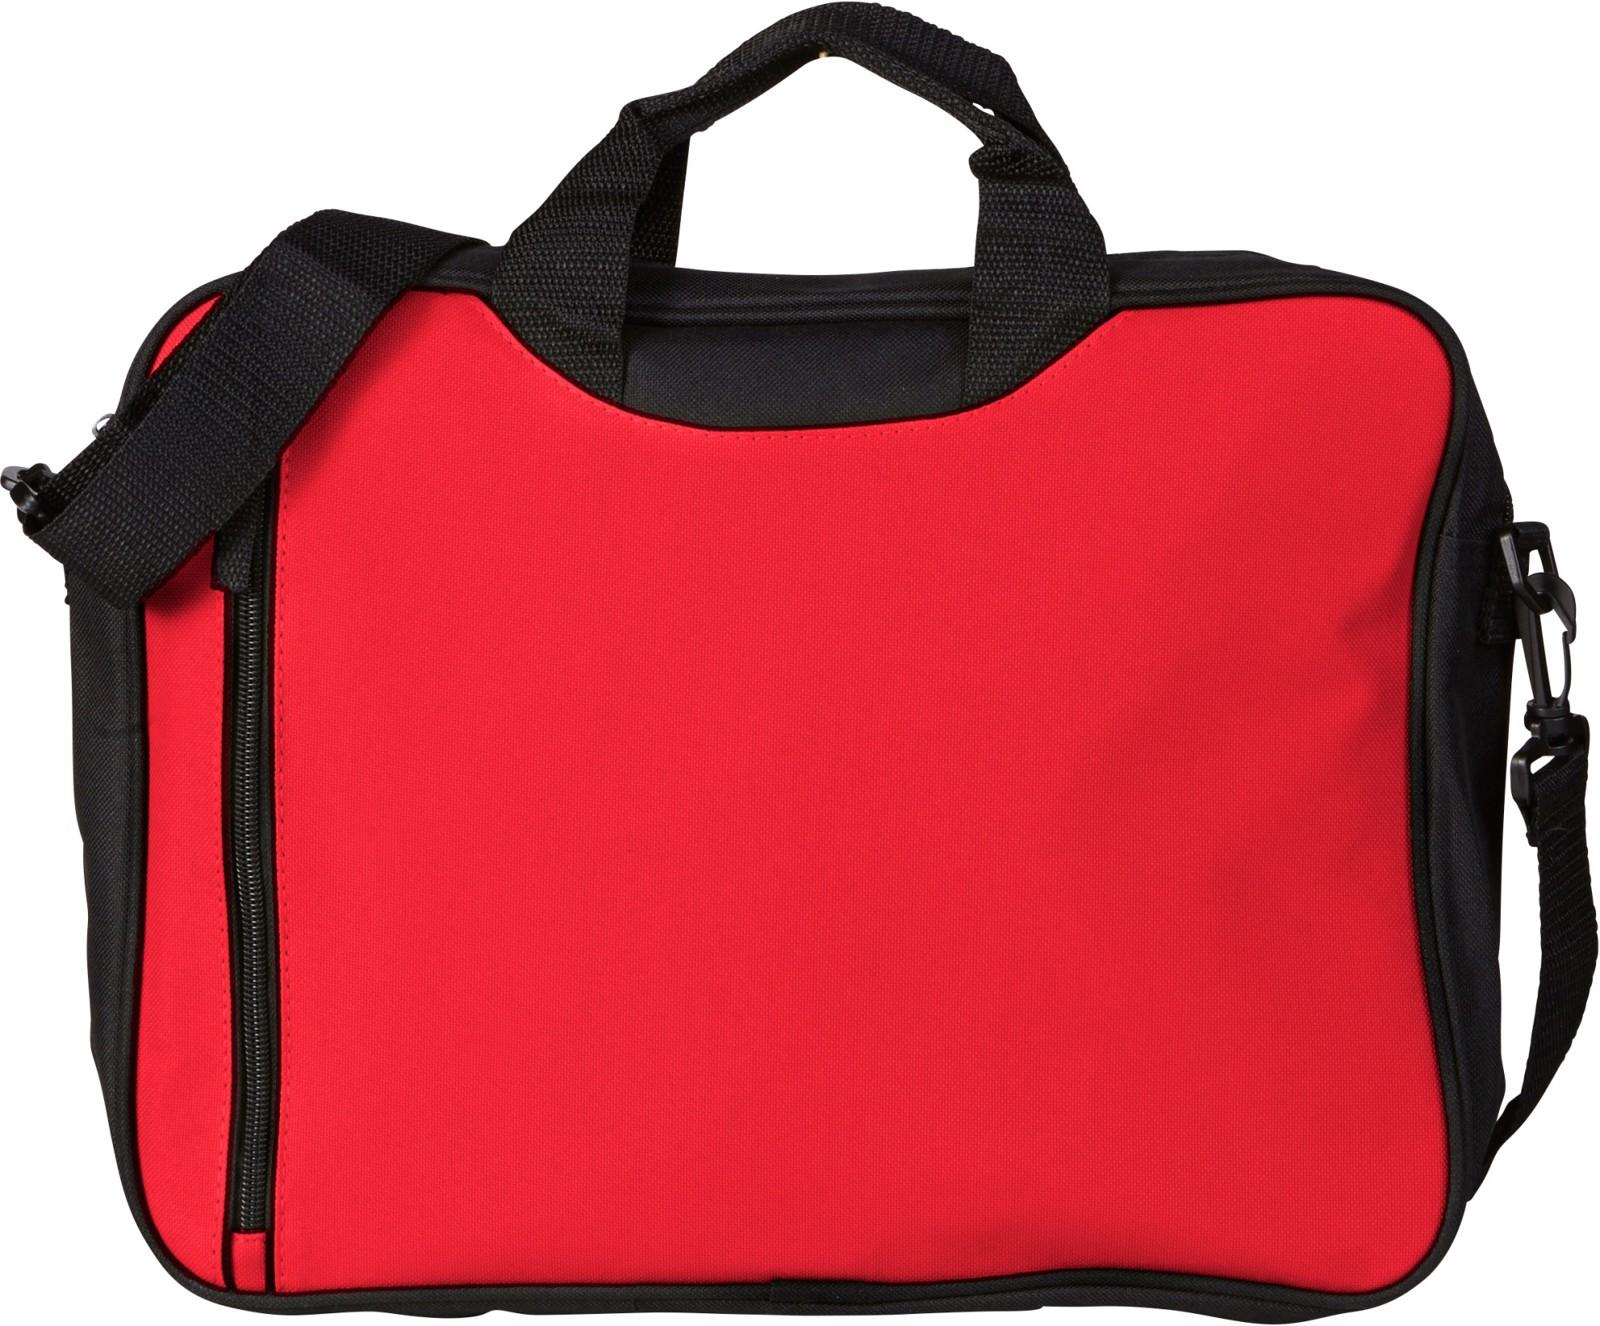 Polyester (600D) shoulder bag - Red